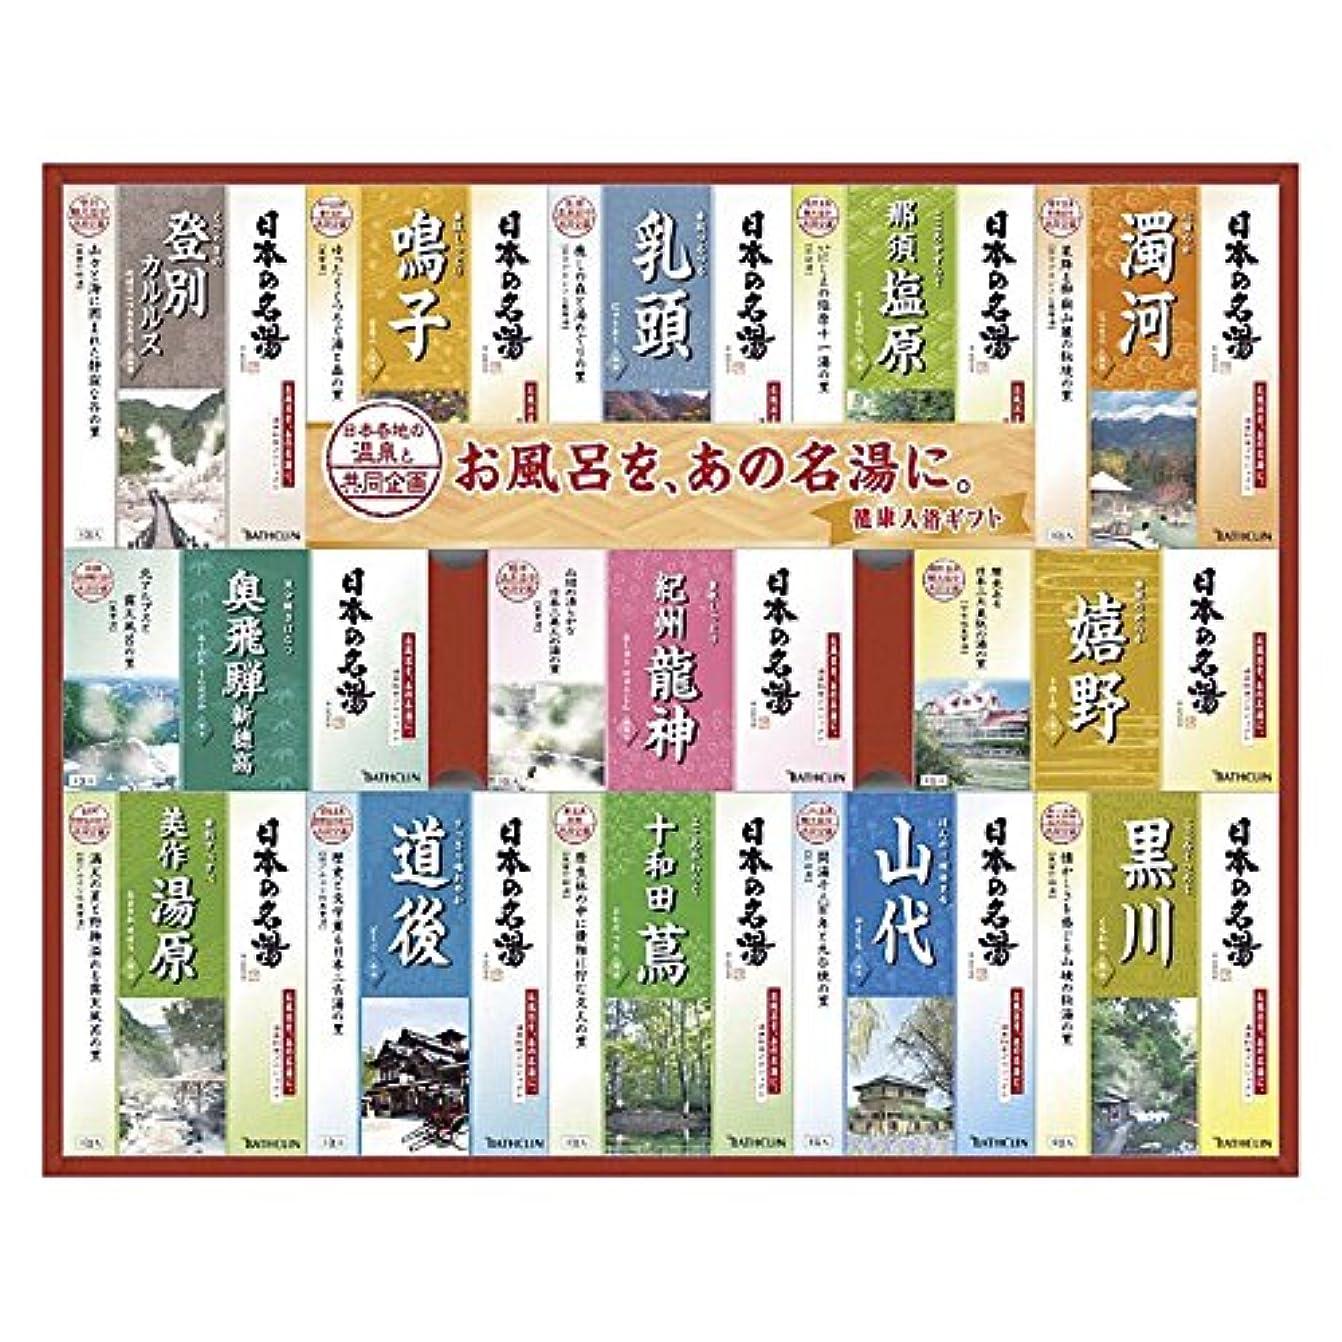 ハーブ符号速記バスクリン 日本の名湯 ギフトセット NMG-50F 【個包装 セット 詰め合わせ 疲労回復 ご褒美 贅沢 プチギフト 温まる 温泉 粉 ご当地 まとめ買い 名湯 リラックス 美肌 つめあわせ やさしい やすらぎ】